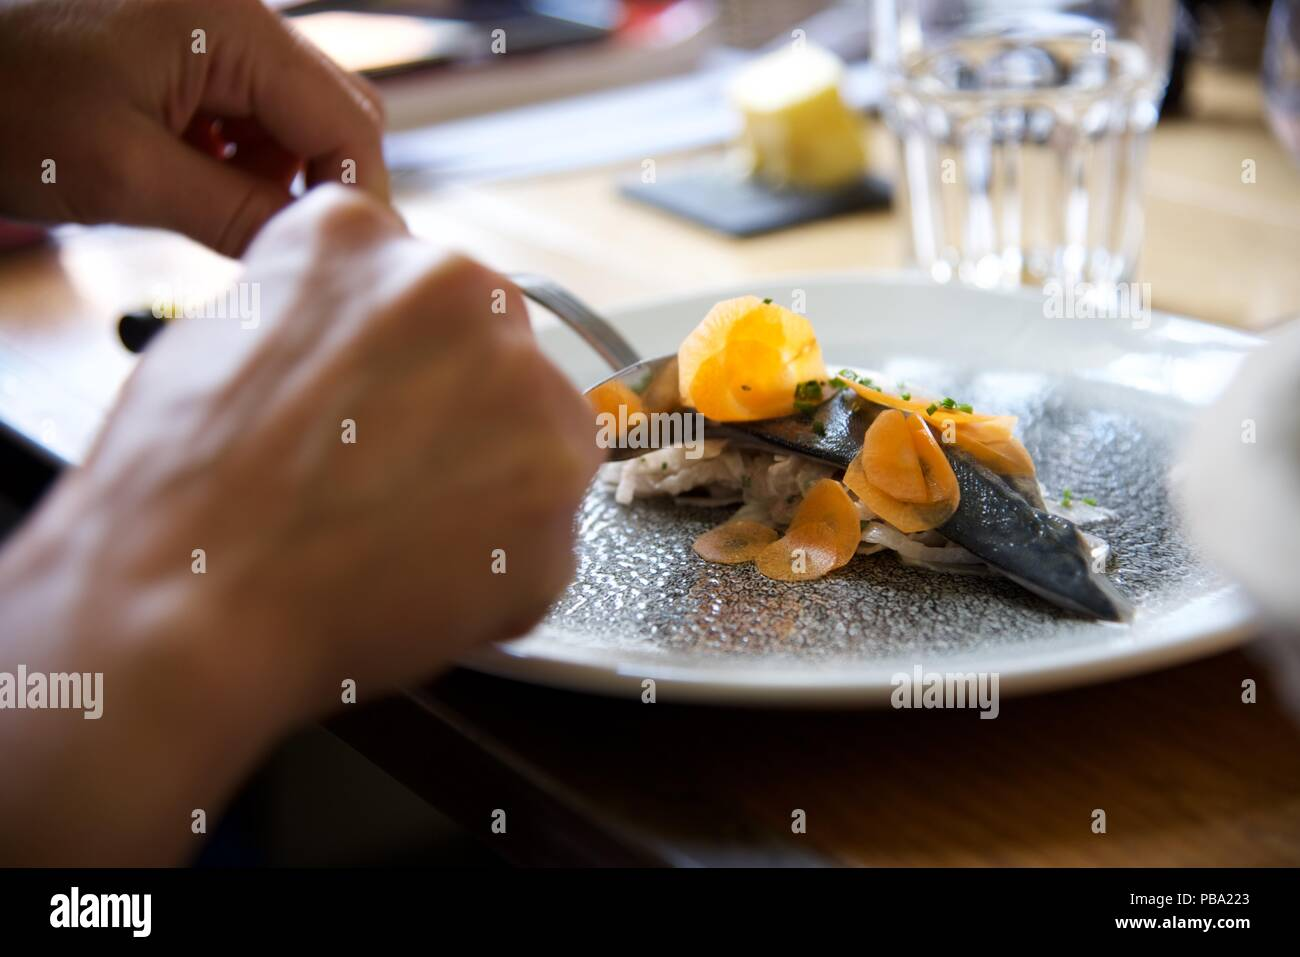 Sgombri starter: una cena francese interviene ad un antipasto di sgombro marinati su letto di sedano rapa con carote tagliate a fette sottili Immagini Stock